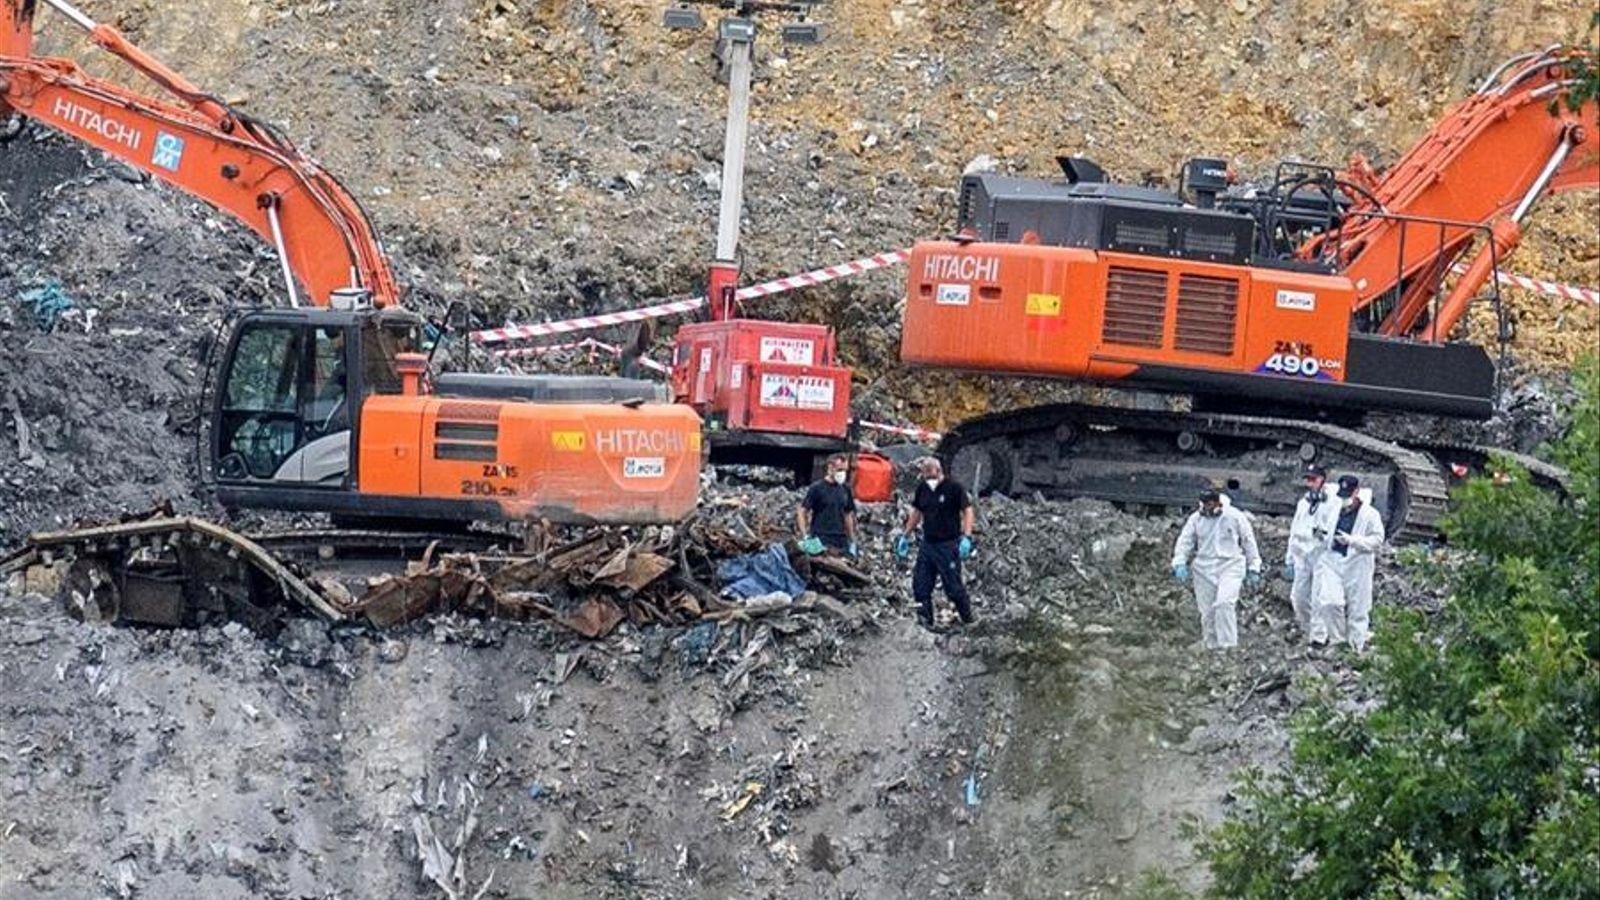 Es reprèn la recerca a l'abocador de Zaldibar mig any després de l'accident que va sepultar dos treballadors